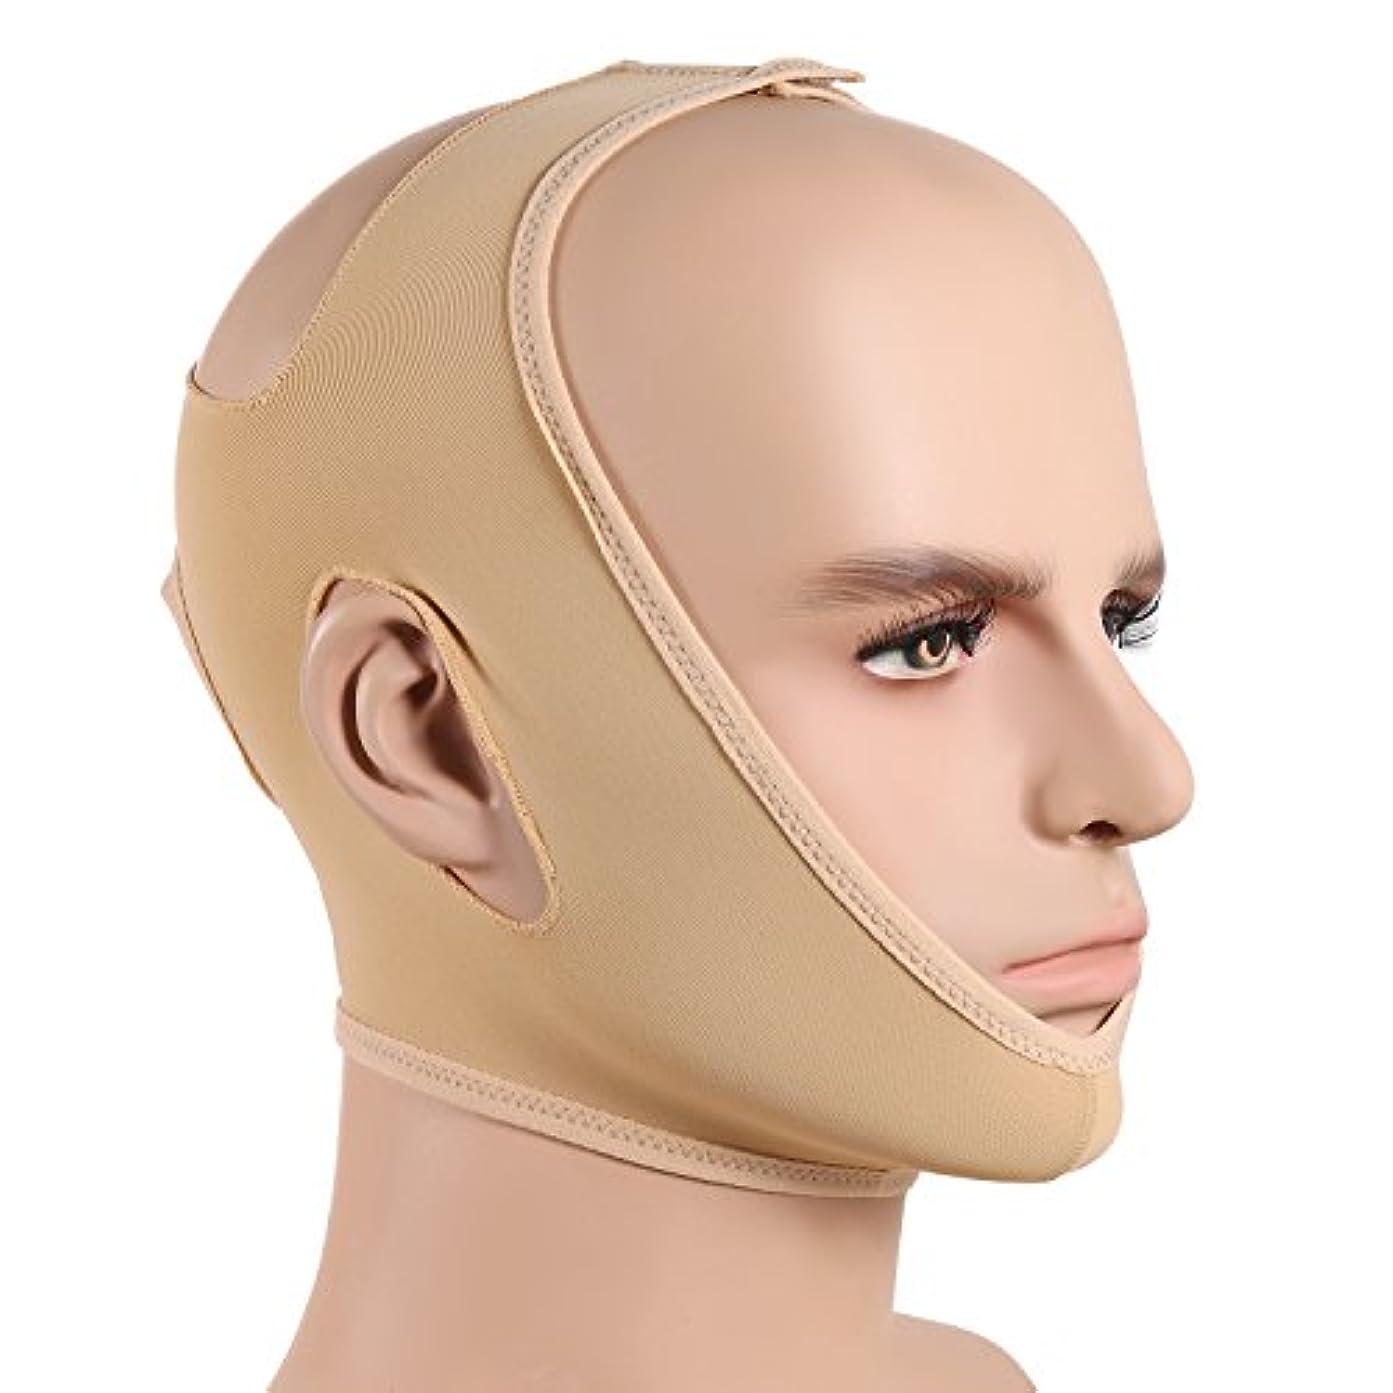 エントリネックレットタンパク質JewelryWe 小顔ベルト 美顔マスク 眠りながら 小顔 矯正 額、顎下、頬リフトアップ 小顔マスク 男女兼用 Mサイズ